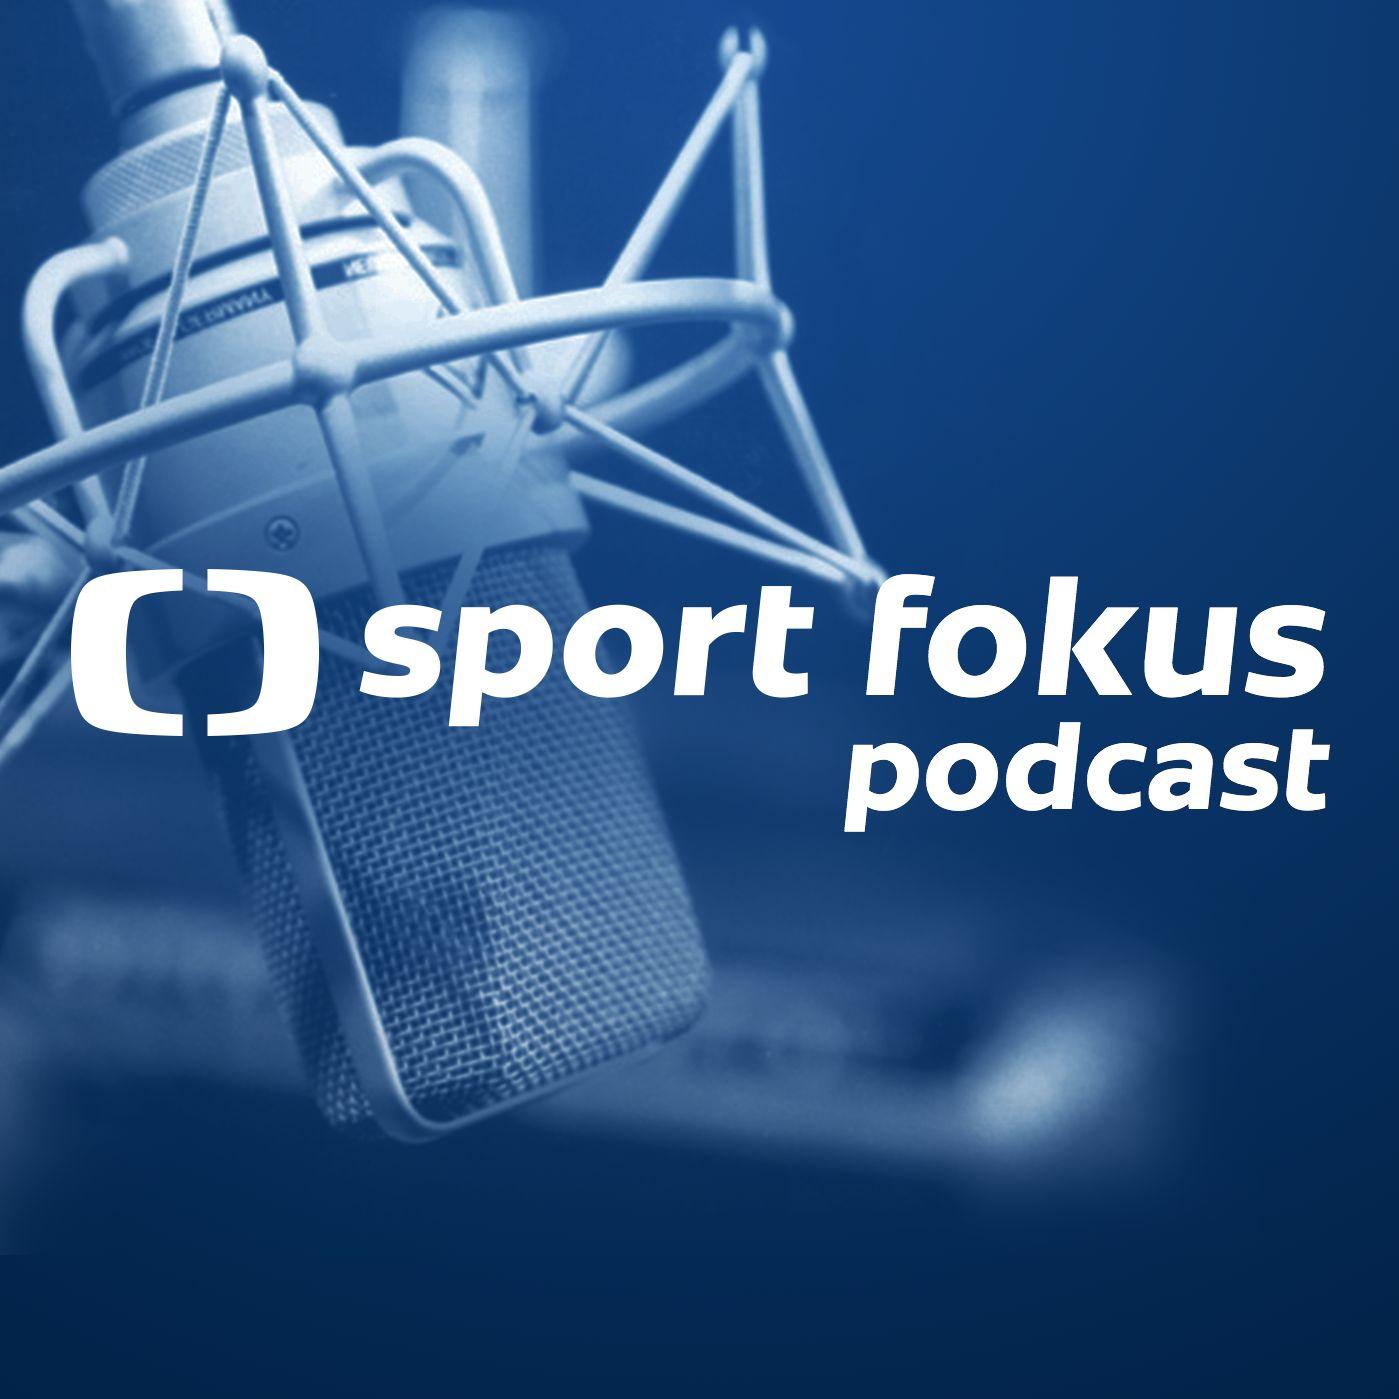 Sport fokus podcast: Je trest pro Rusko spravedlivý?